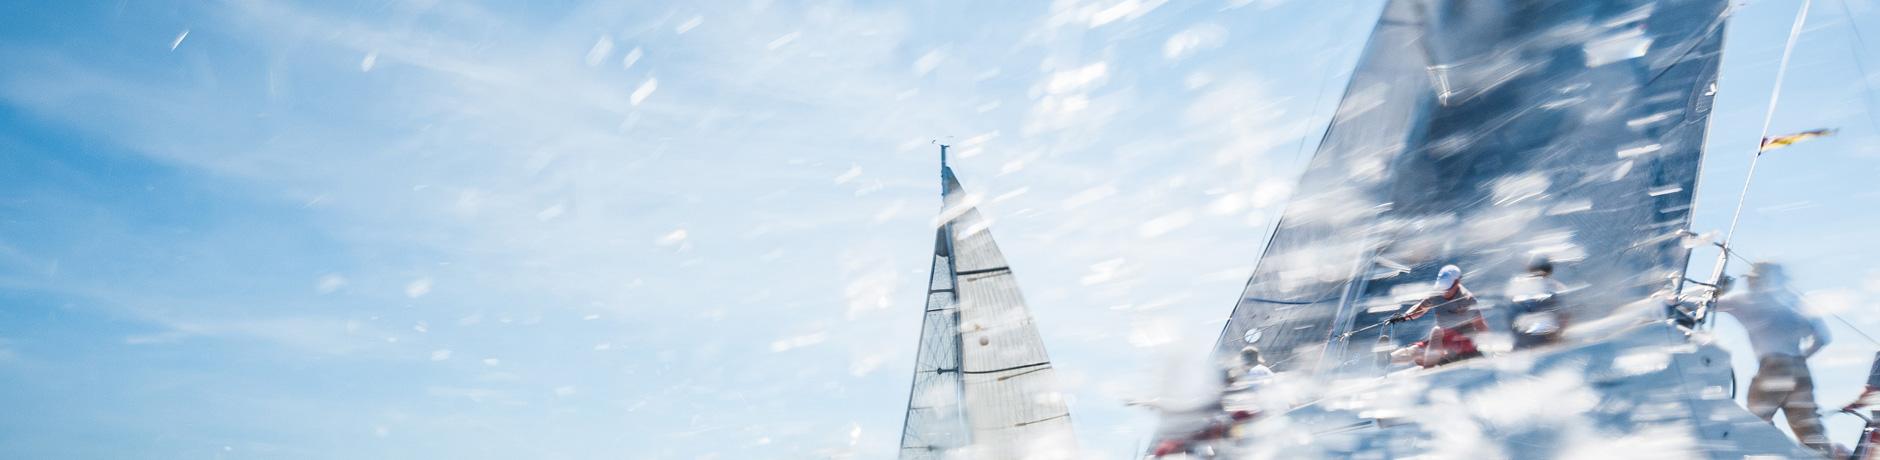 Skippertraining am Ijsselmeer